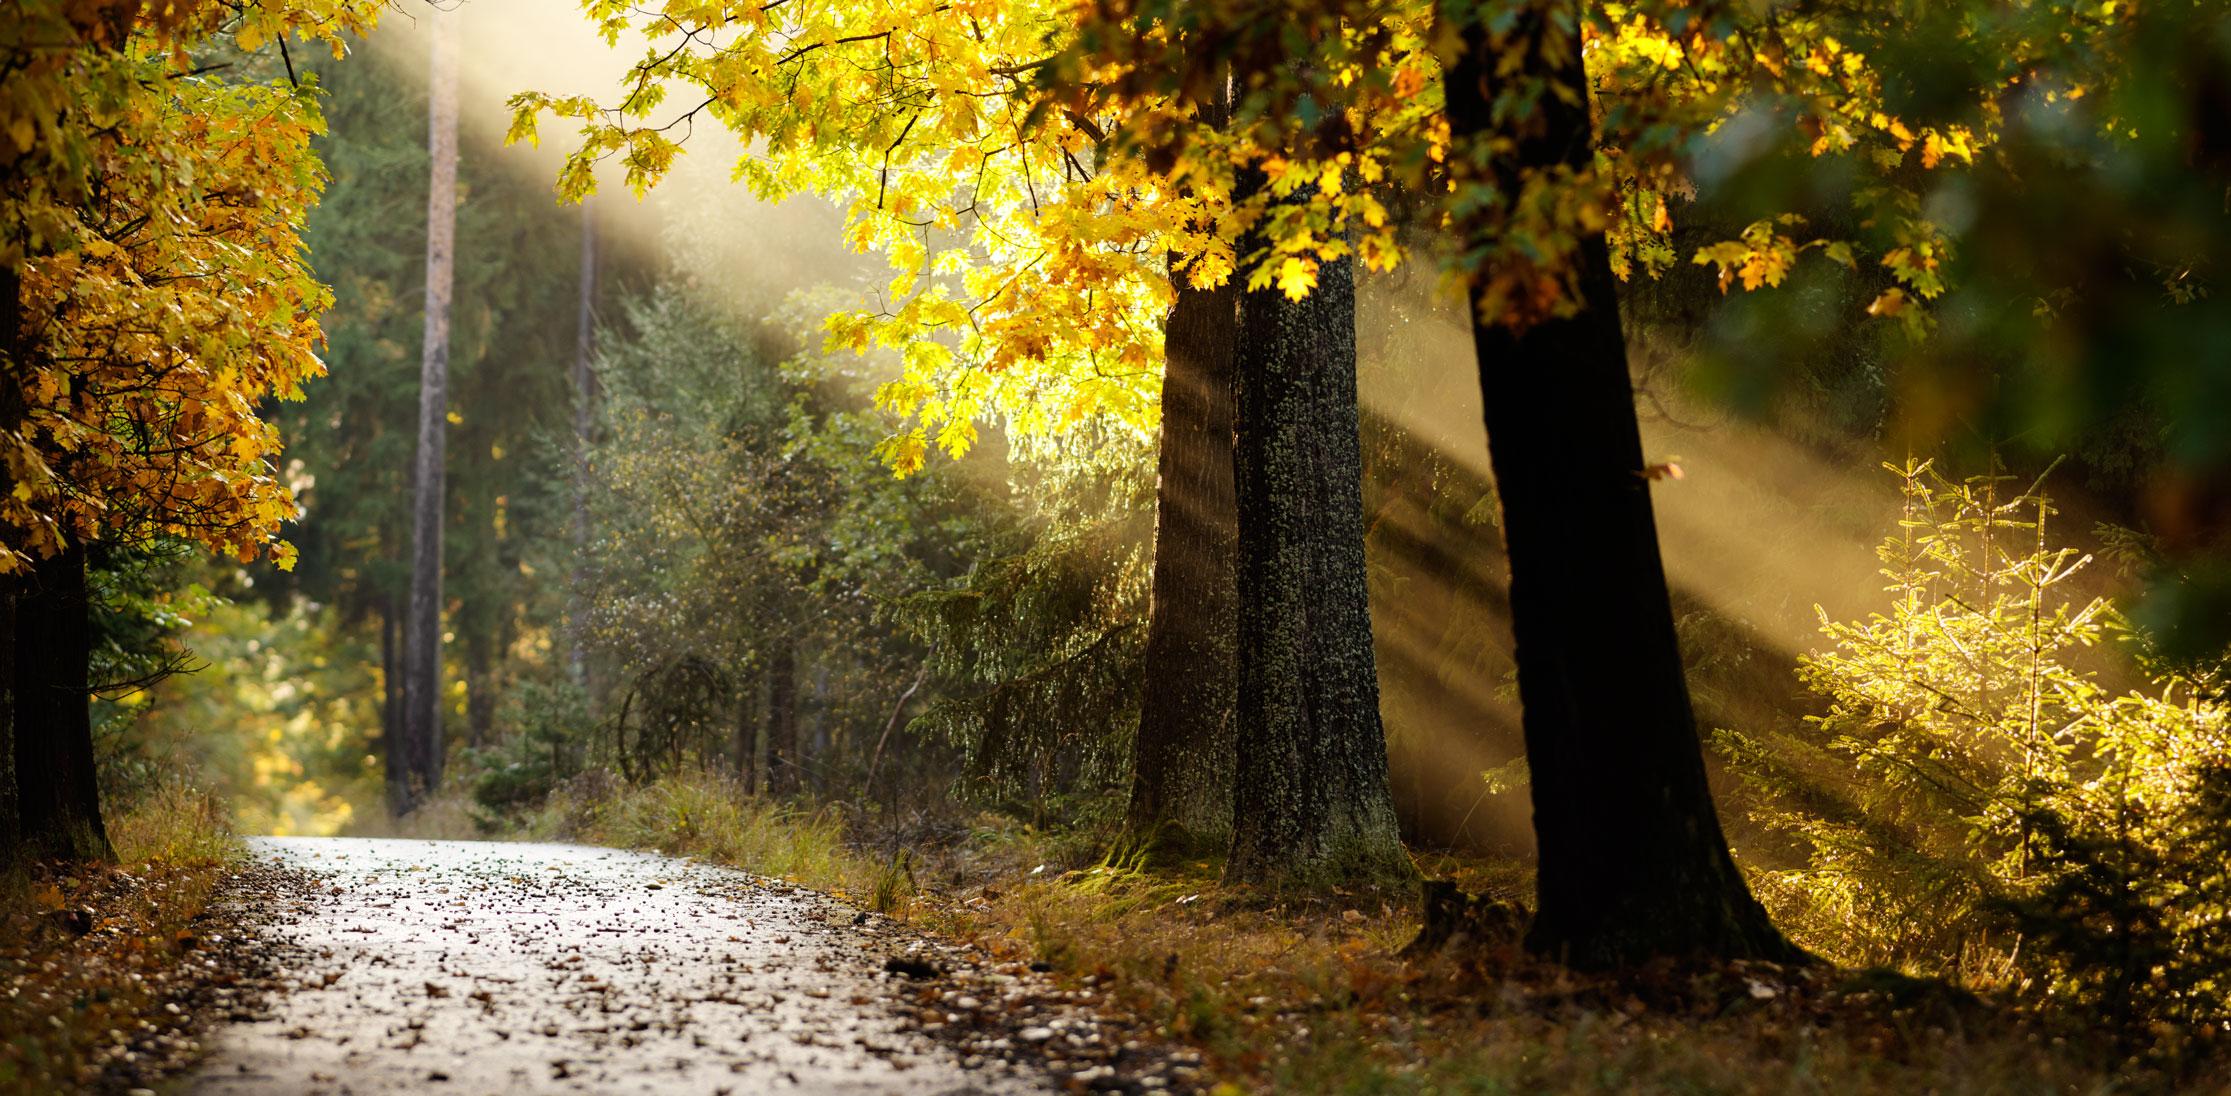 Sedlčany podzim - mayhemer's blog